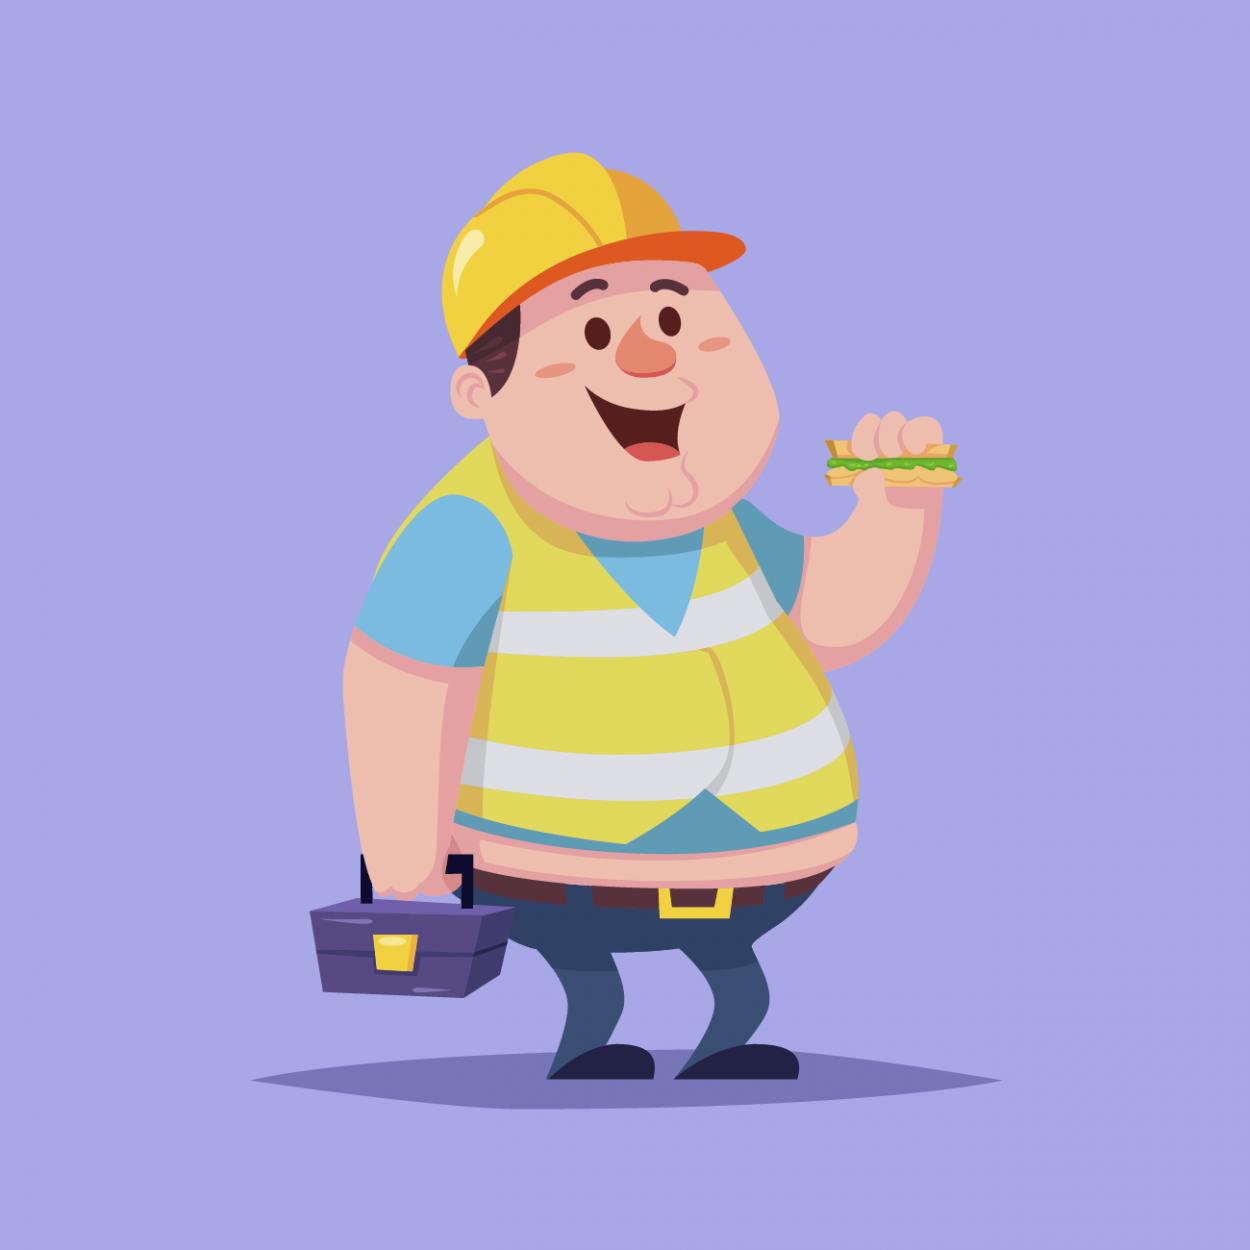 Иллюстрация к анекдоту про трёх строителей и пирожки